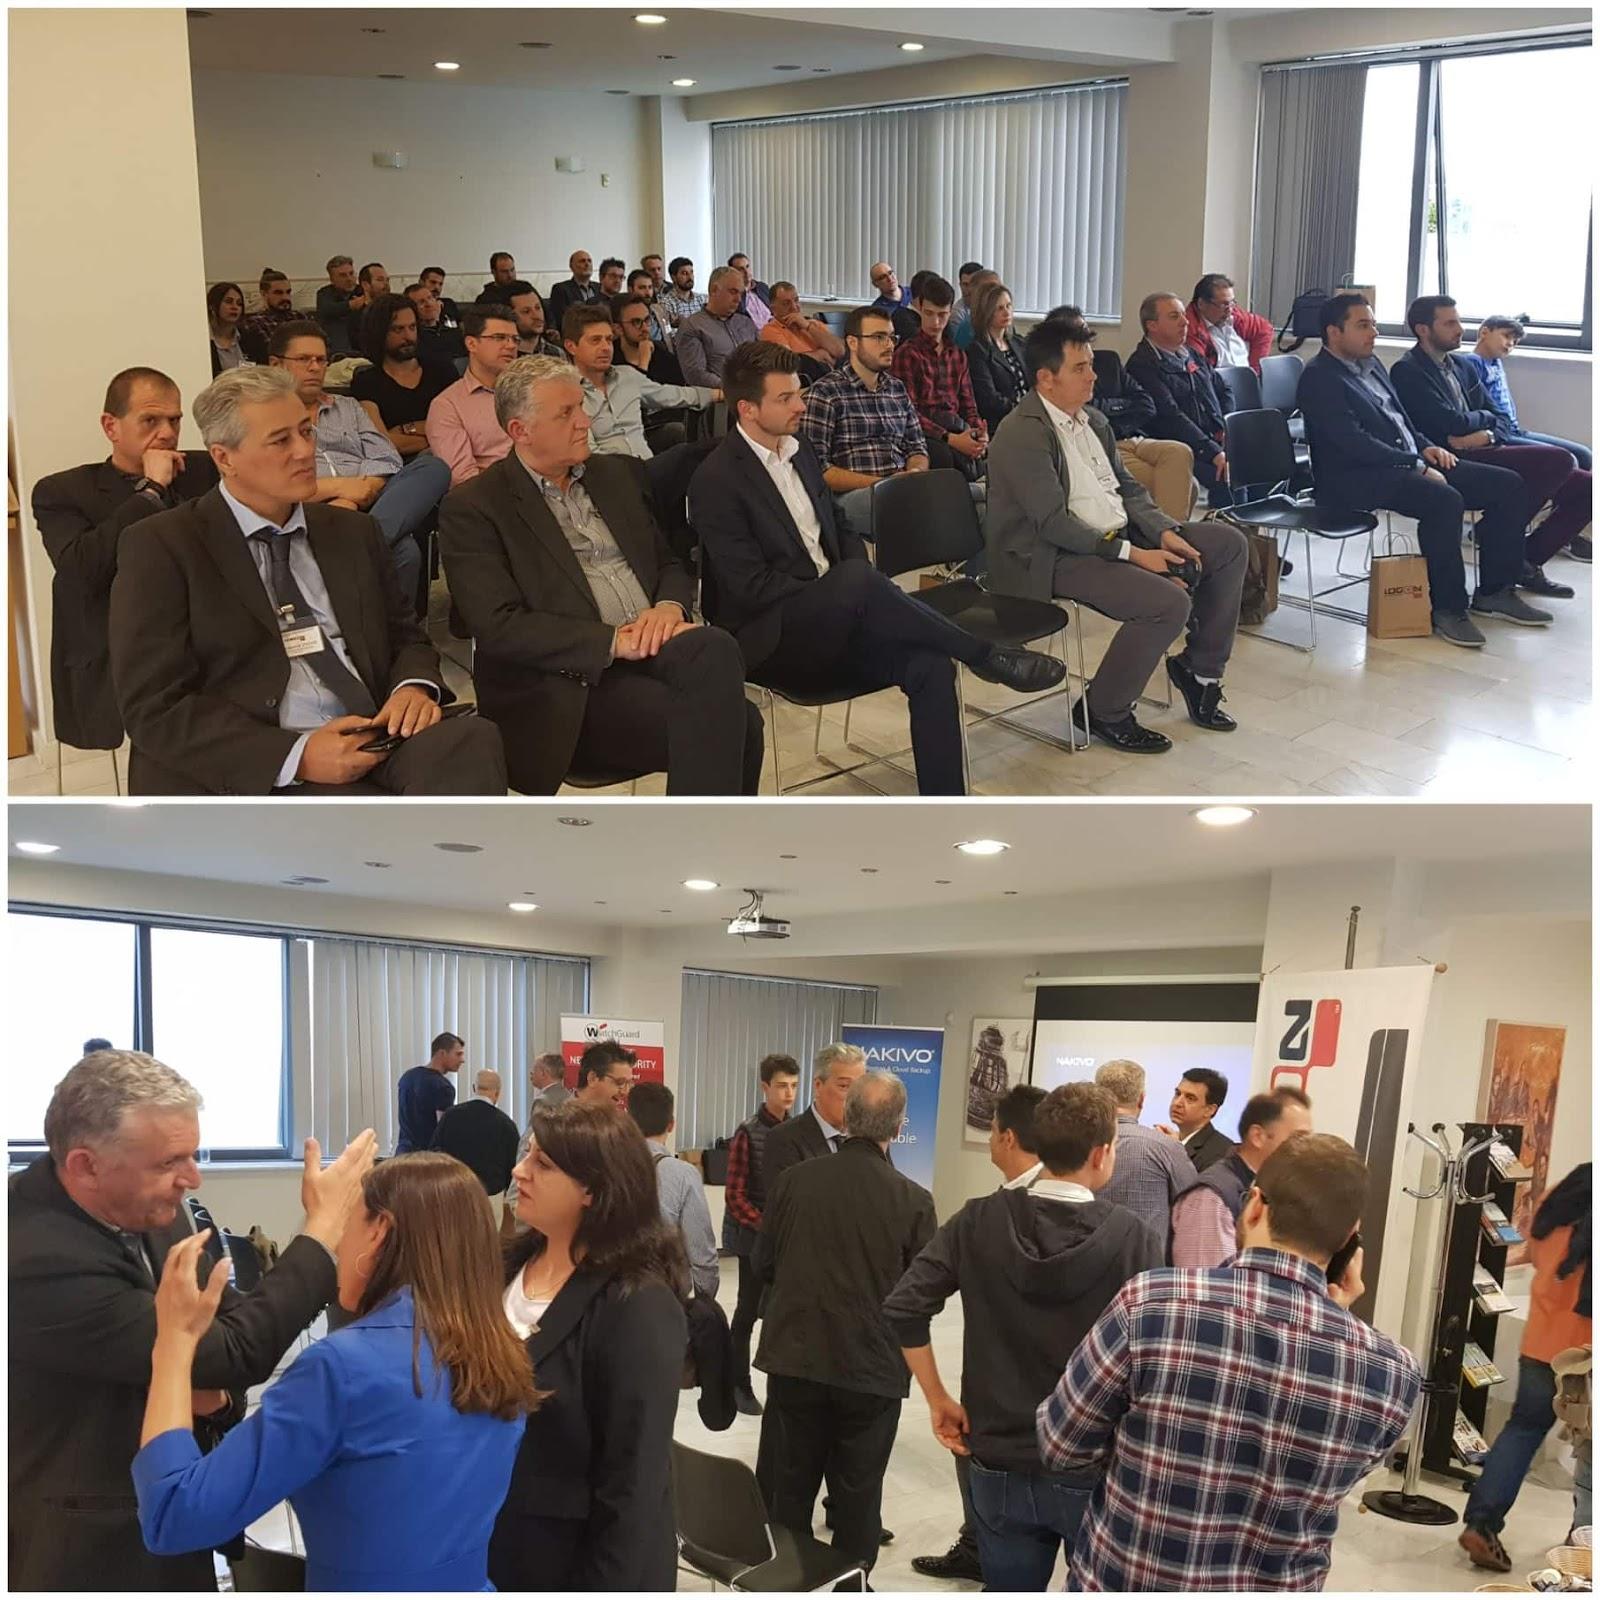 Με επιτυχία η εκδήλωση: «Λύσεις υψηλής διαθεσιμότητας και ψηφιακής ασφάλειας μηχανογραφικών συστημάτων για επιχειρήσεις»